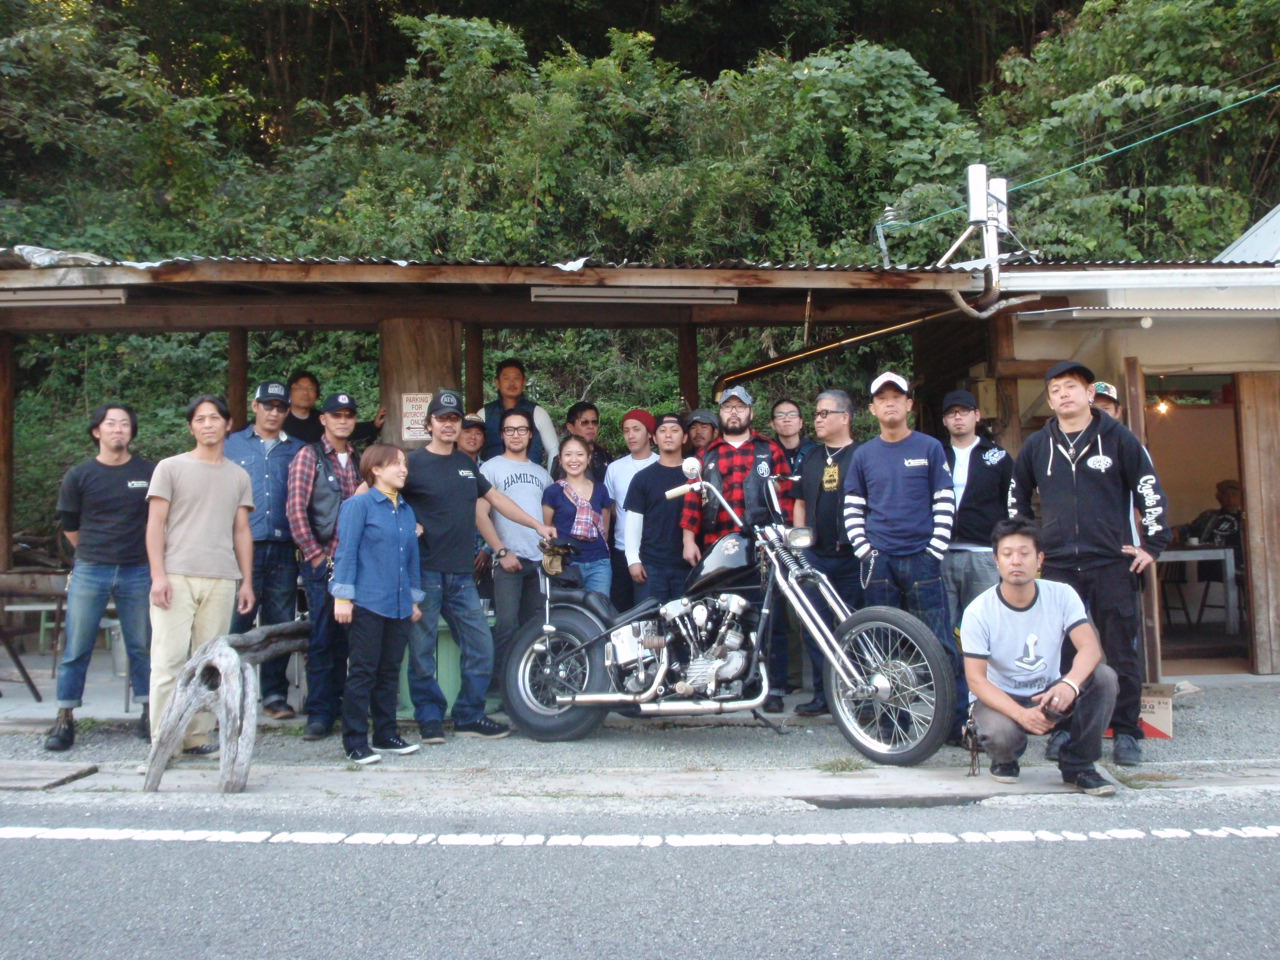 なにがなんでも和歌山ツーの写真お待たせいたしました!!_d0189396_225772.jpg